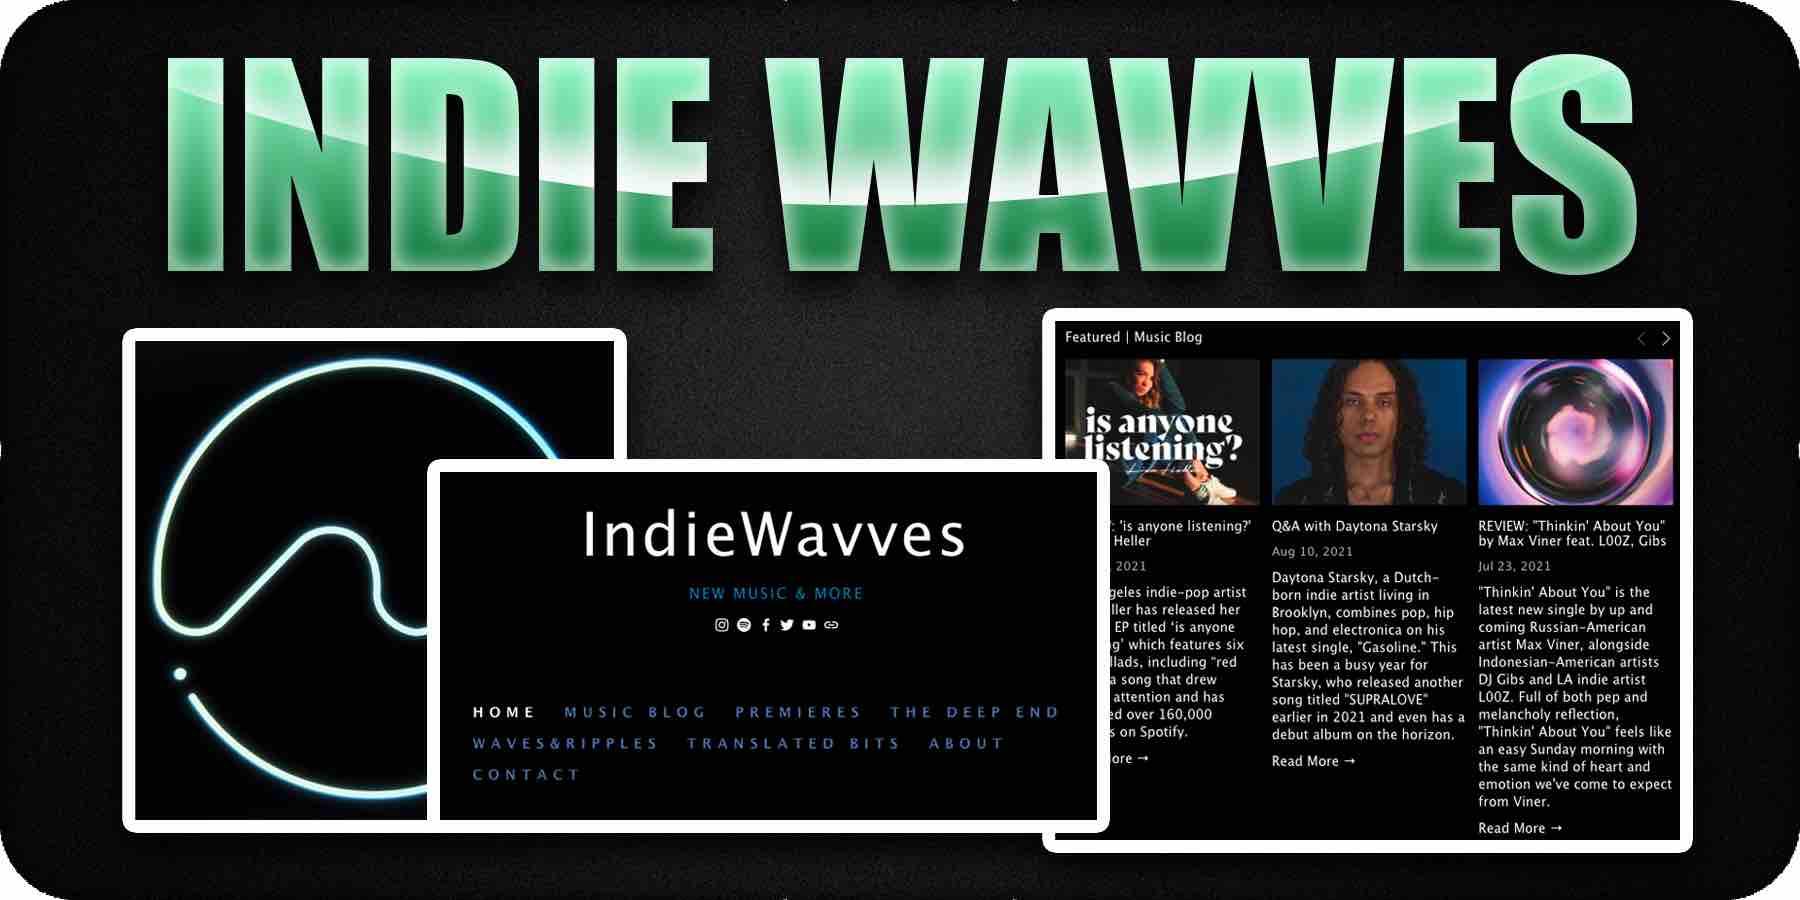 Indie Wavves (Music Blog)